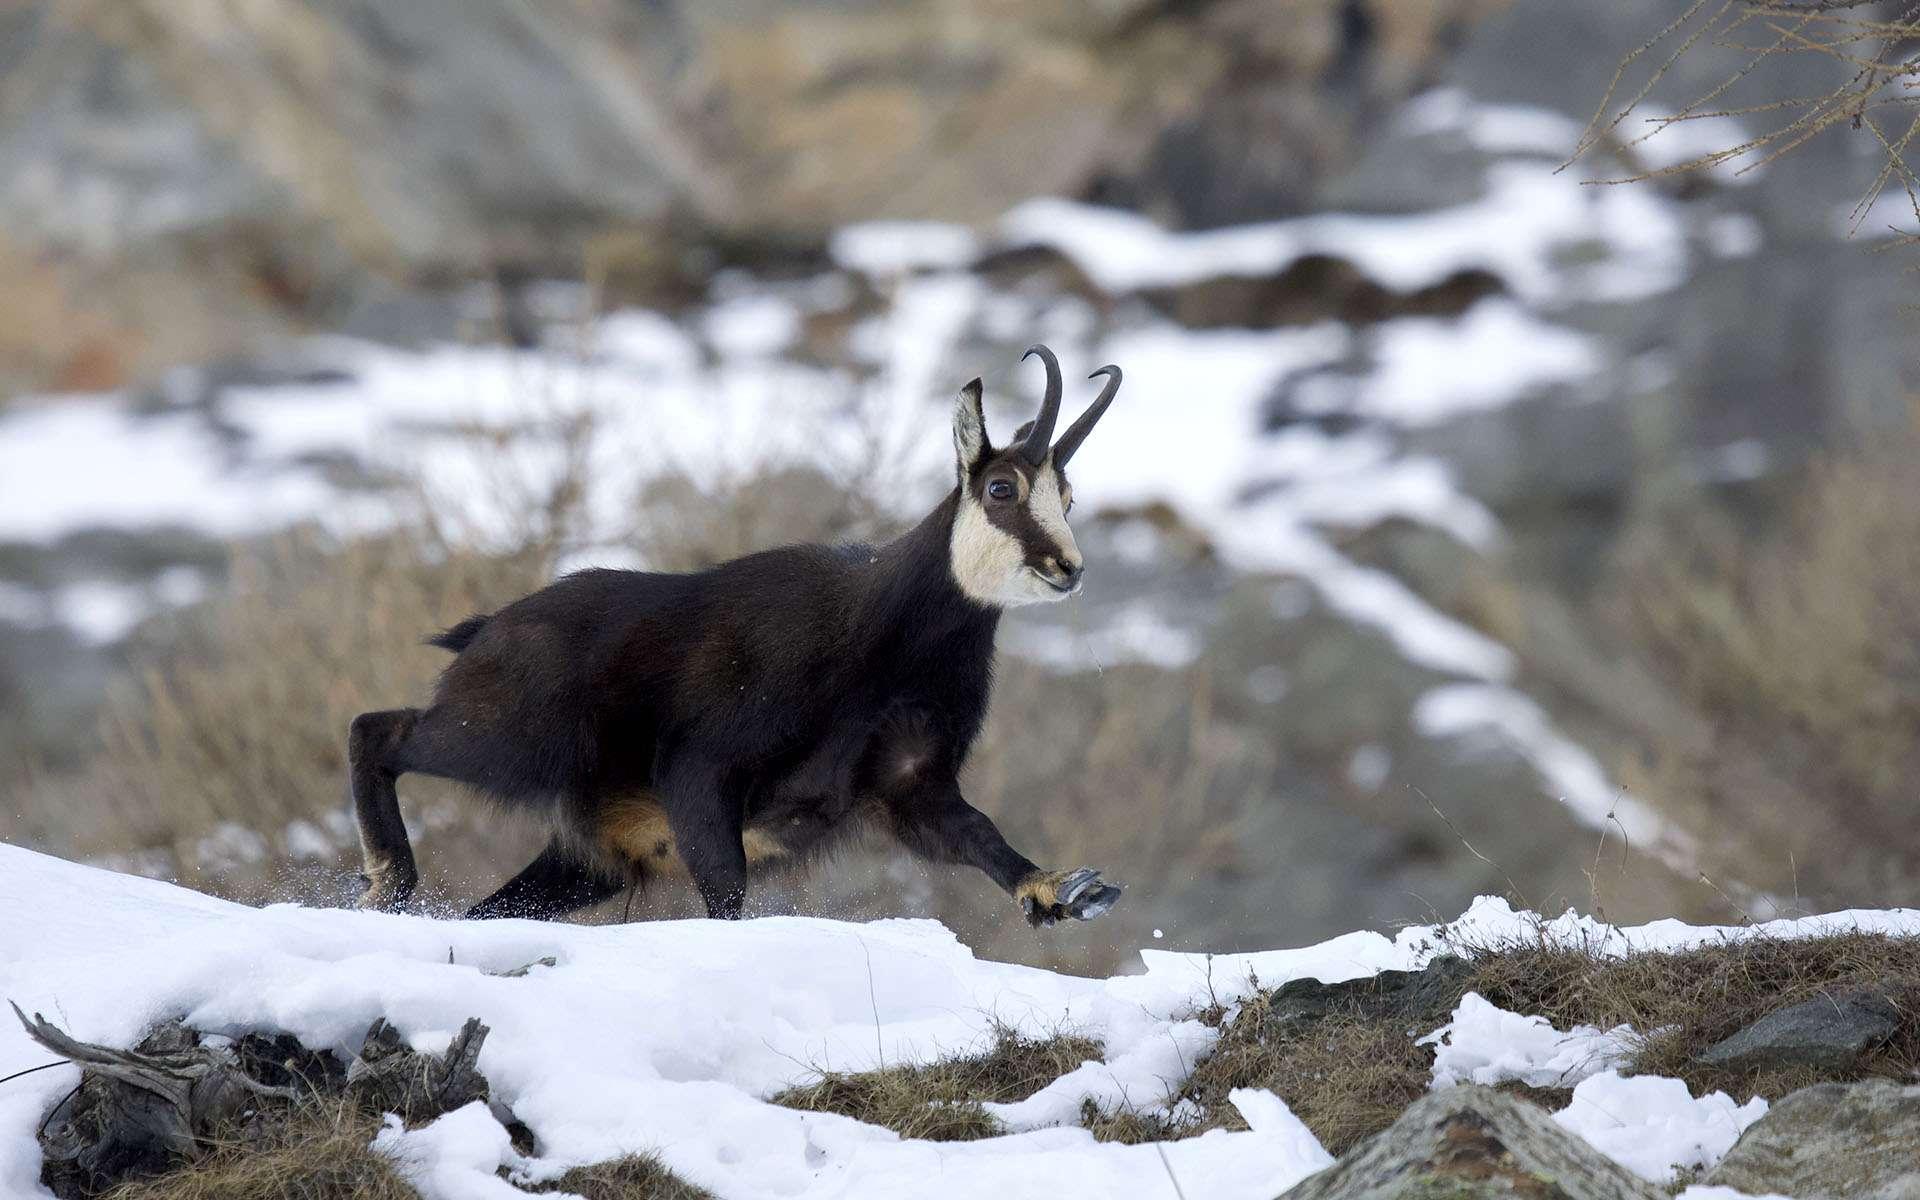 Ce chamois mâle est en pelage d'hiver presque noir. Ses cornes fines ont un crochet plus fermé que celles des femelles. Notre calendrier annuel est dicté par la saison des amours du chamois, dont nous ne manquons aucun rendez-vous depuis une trentaine d'années, tant nous nous émerveillons de leur aisance incroyable en montagne. En novembre et début décembre, période du rut, les mâles se lancent dans des poursuites effrénées pour chasser les concurrents ou rabattre une femelle. Ils perdent de leur vigilance naturelle et, dans leur excitation, s'approchent en pleine course plus facilement du photographe immobile. Le chamois est à l'aise dans tous les terrains. Une fine membrane entre les deux doigts de ses sabots lui permet une meilleure portance sur la neige que le bouquetin. Des coussinets antidérapants lui assurent une bonne adhérence sur le rocher.© Anne Lapied, tous droits réservés